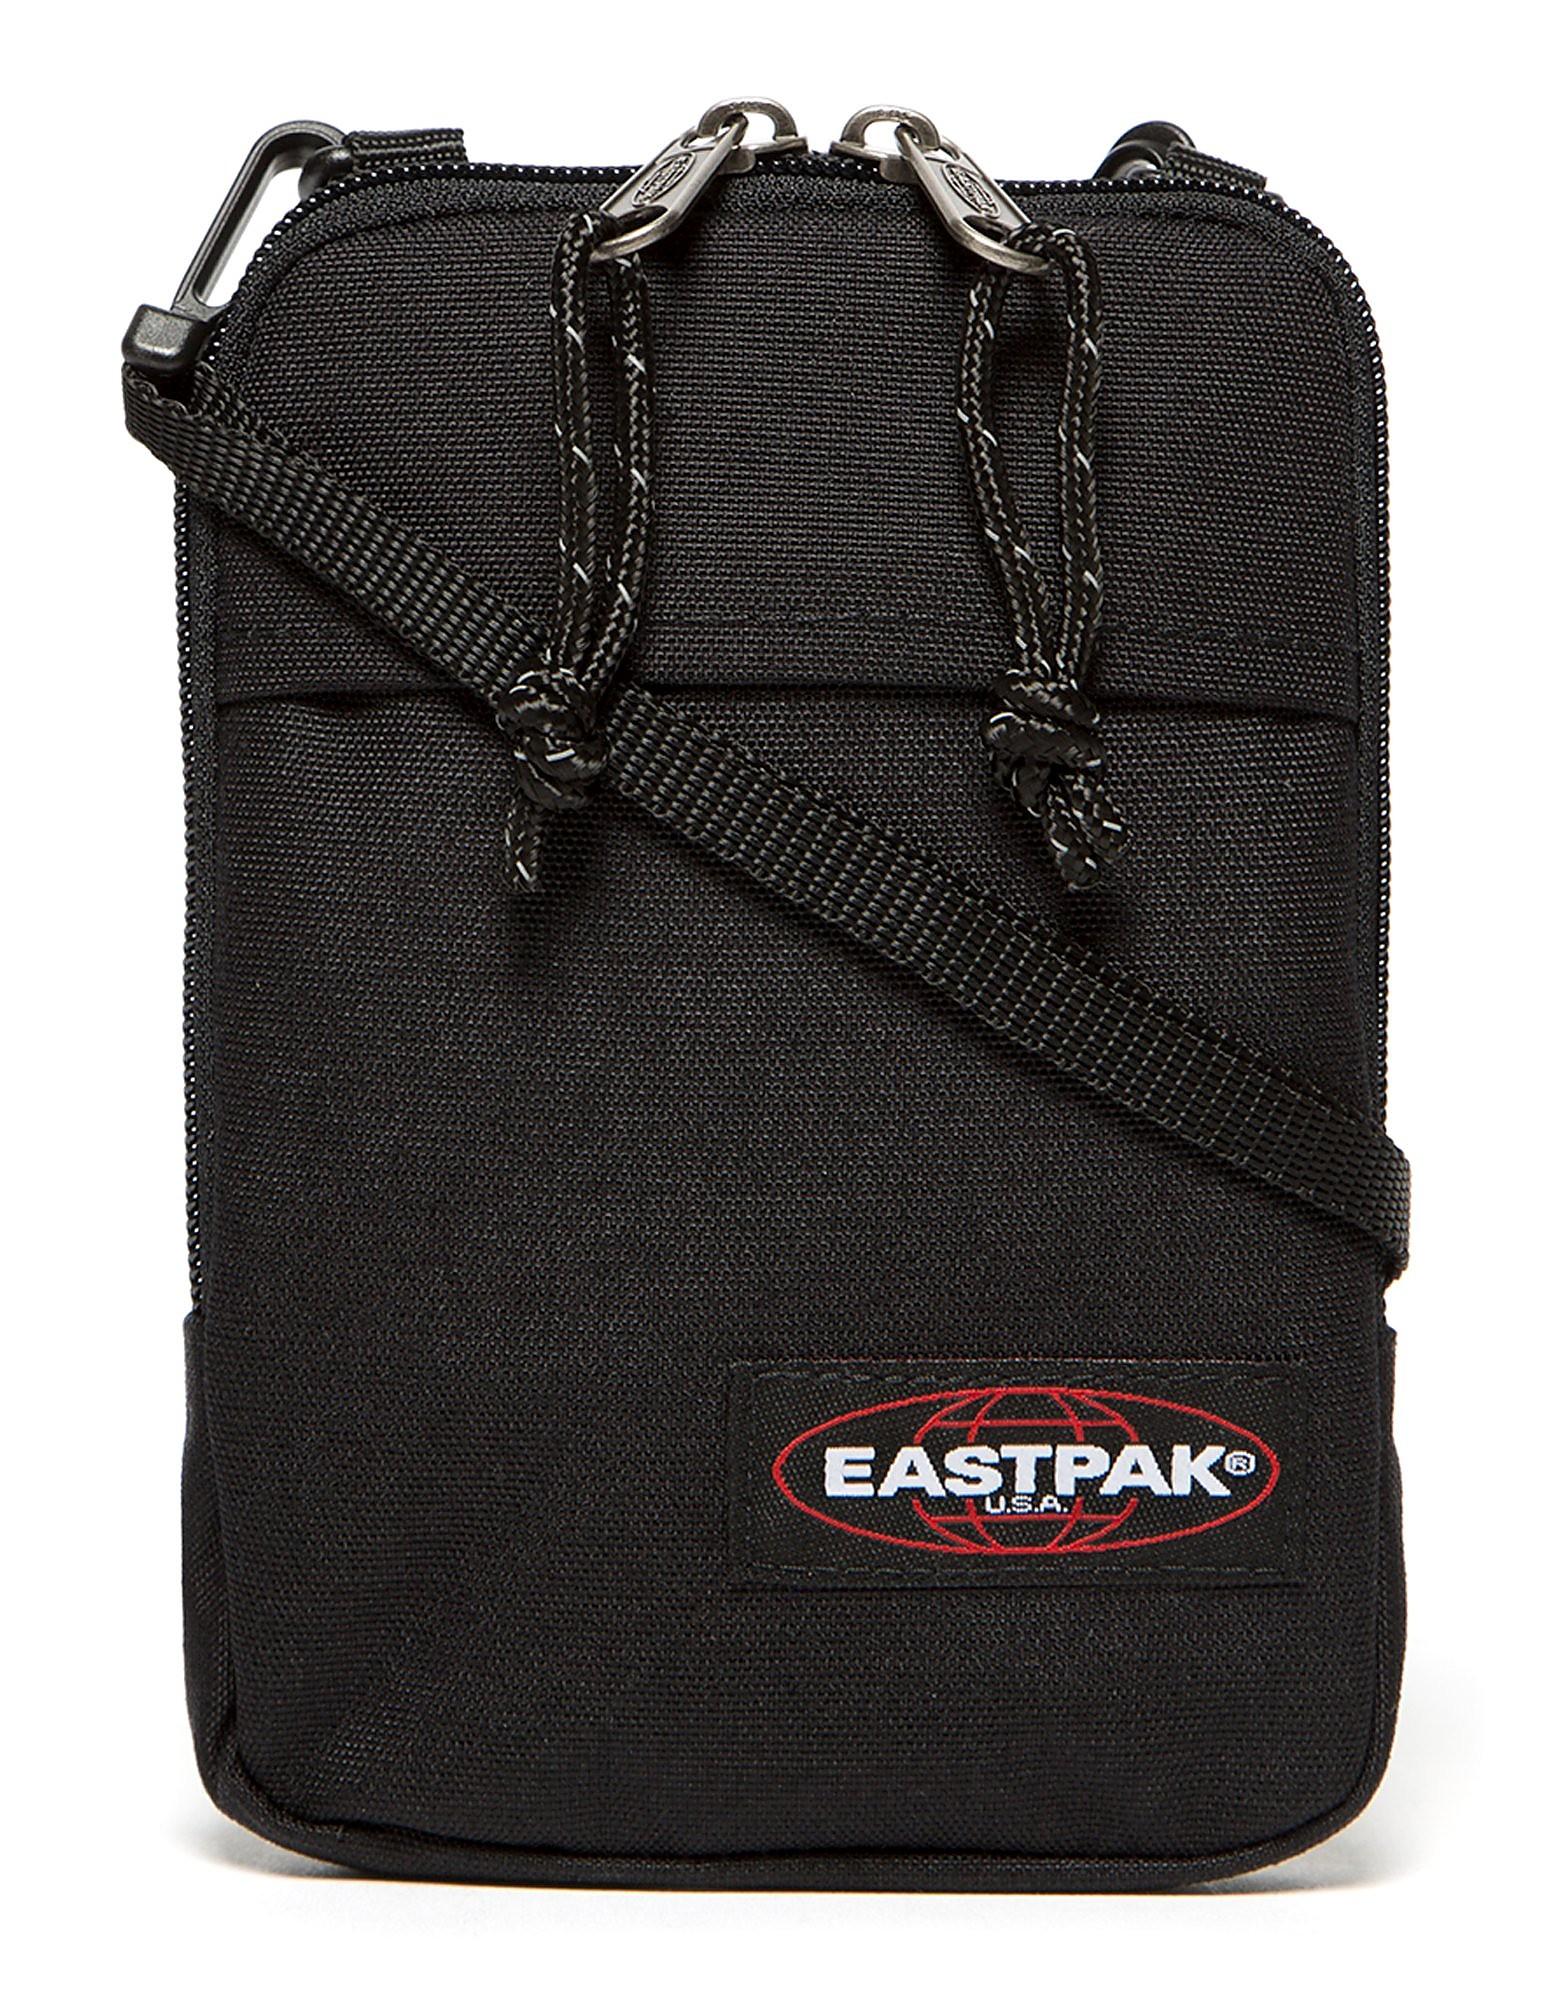 Eastpak Buddy Festival Bag